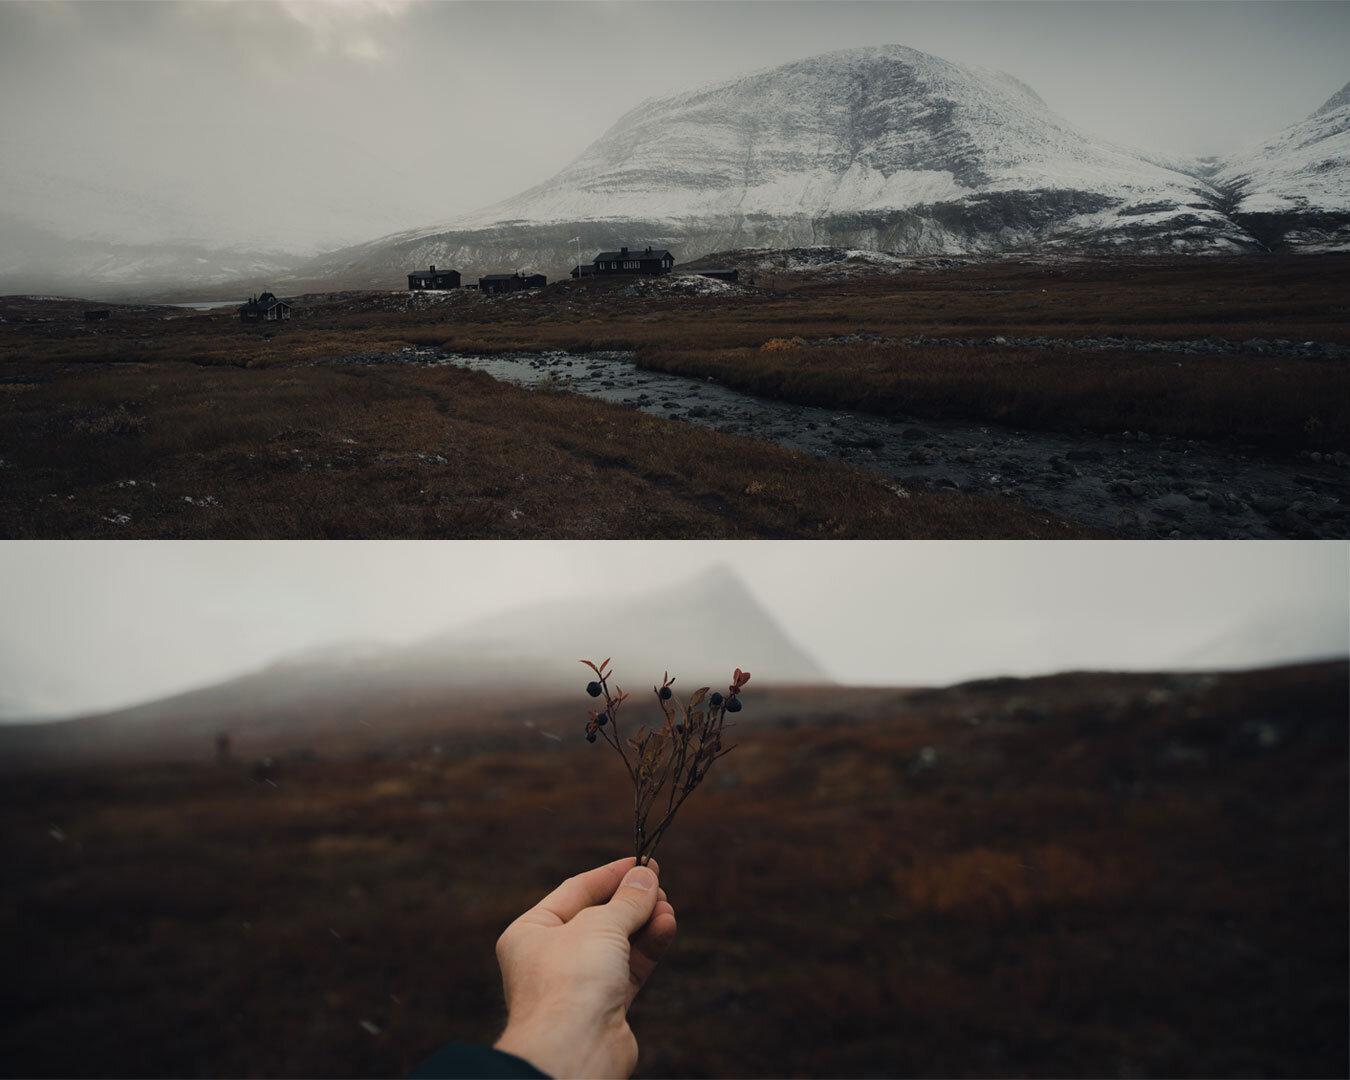 Reaching the Sälka huts.